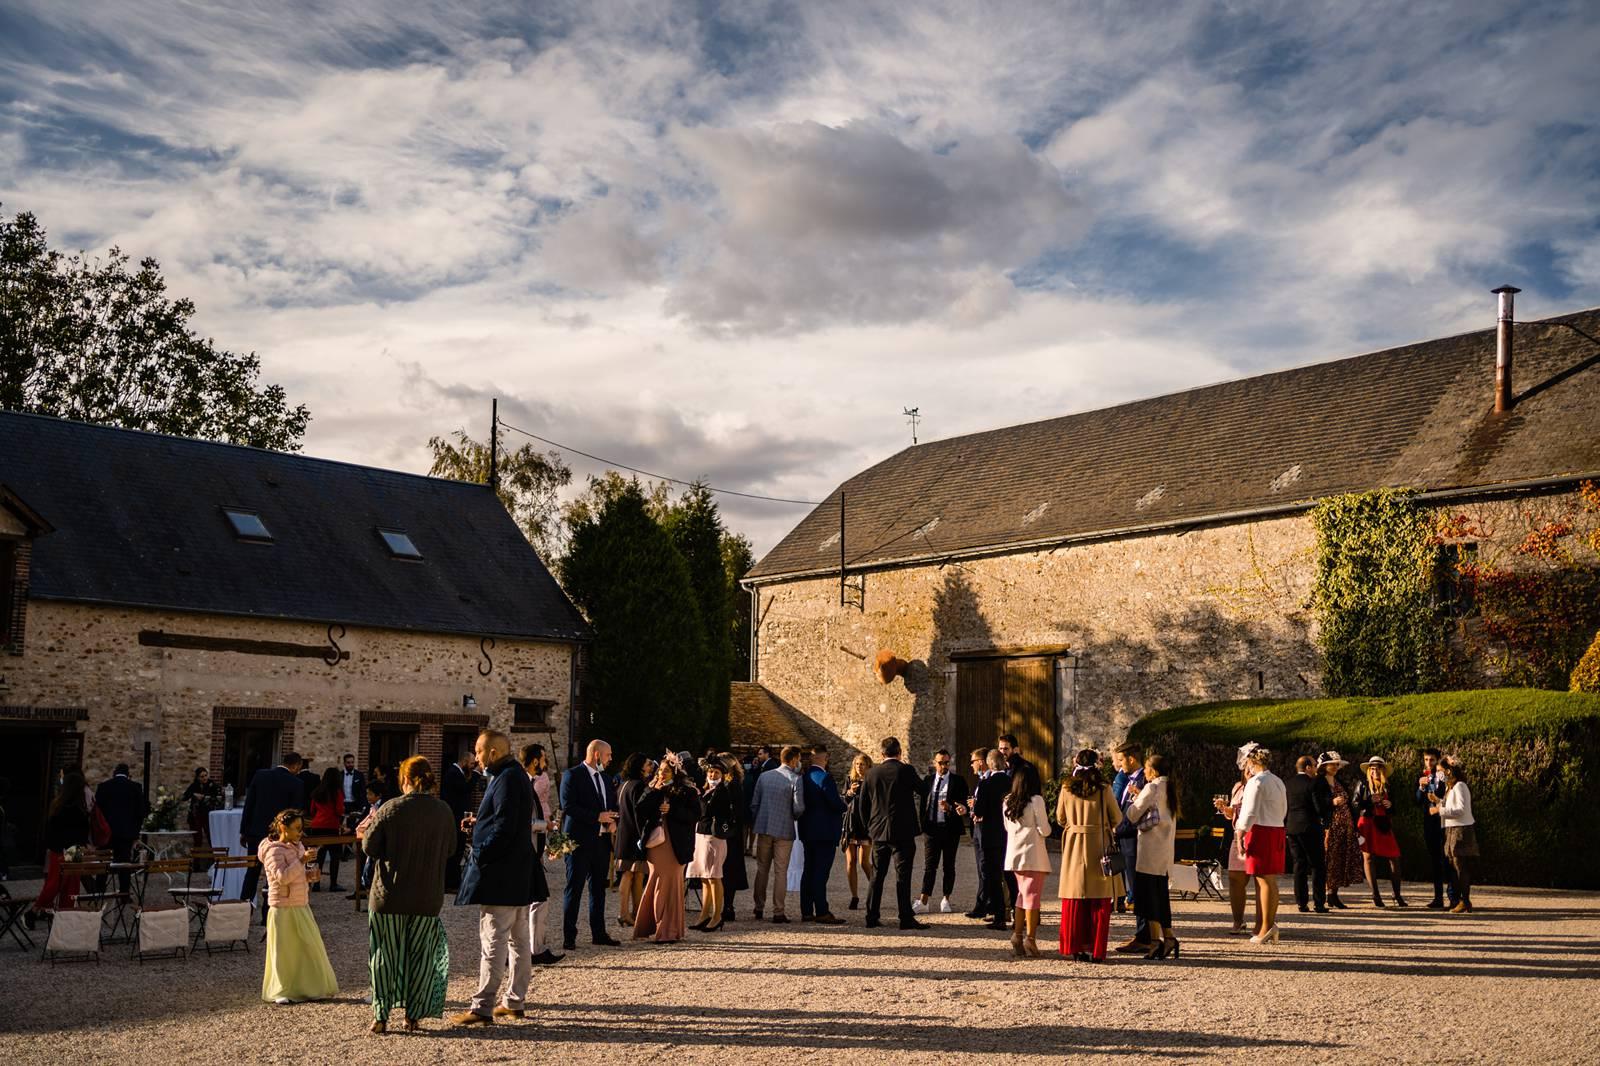 Le teaser du mariage religieux de M+V dans les Yvelines à Gometz-le-Chatel, à l'Eglise de Briis-sous-Forges et au Domaine de La Ferme du Parc de Chatignonville.